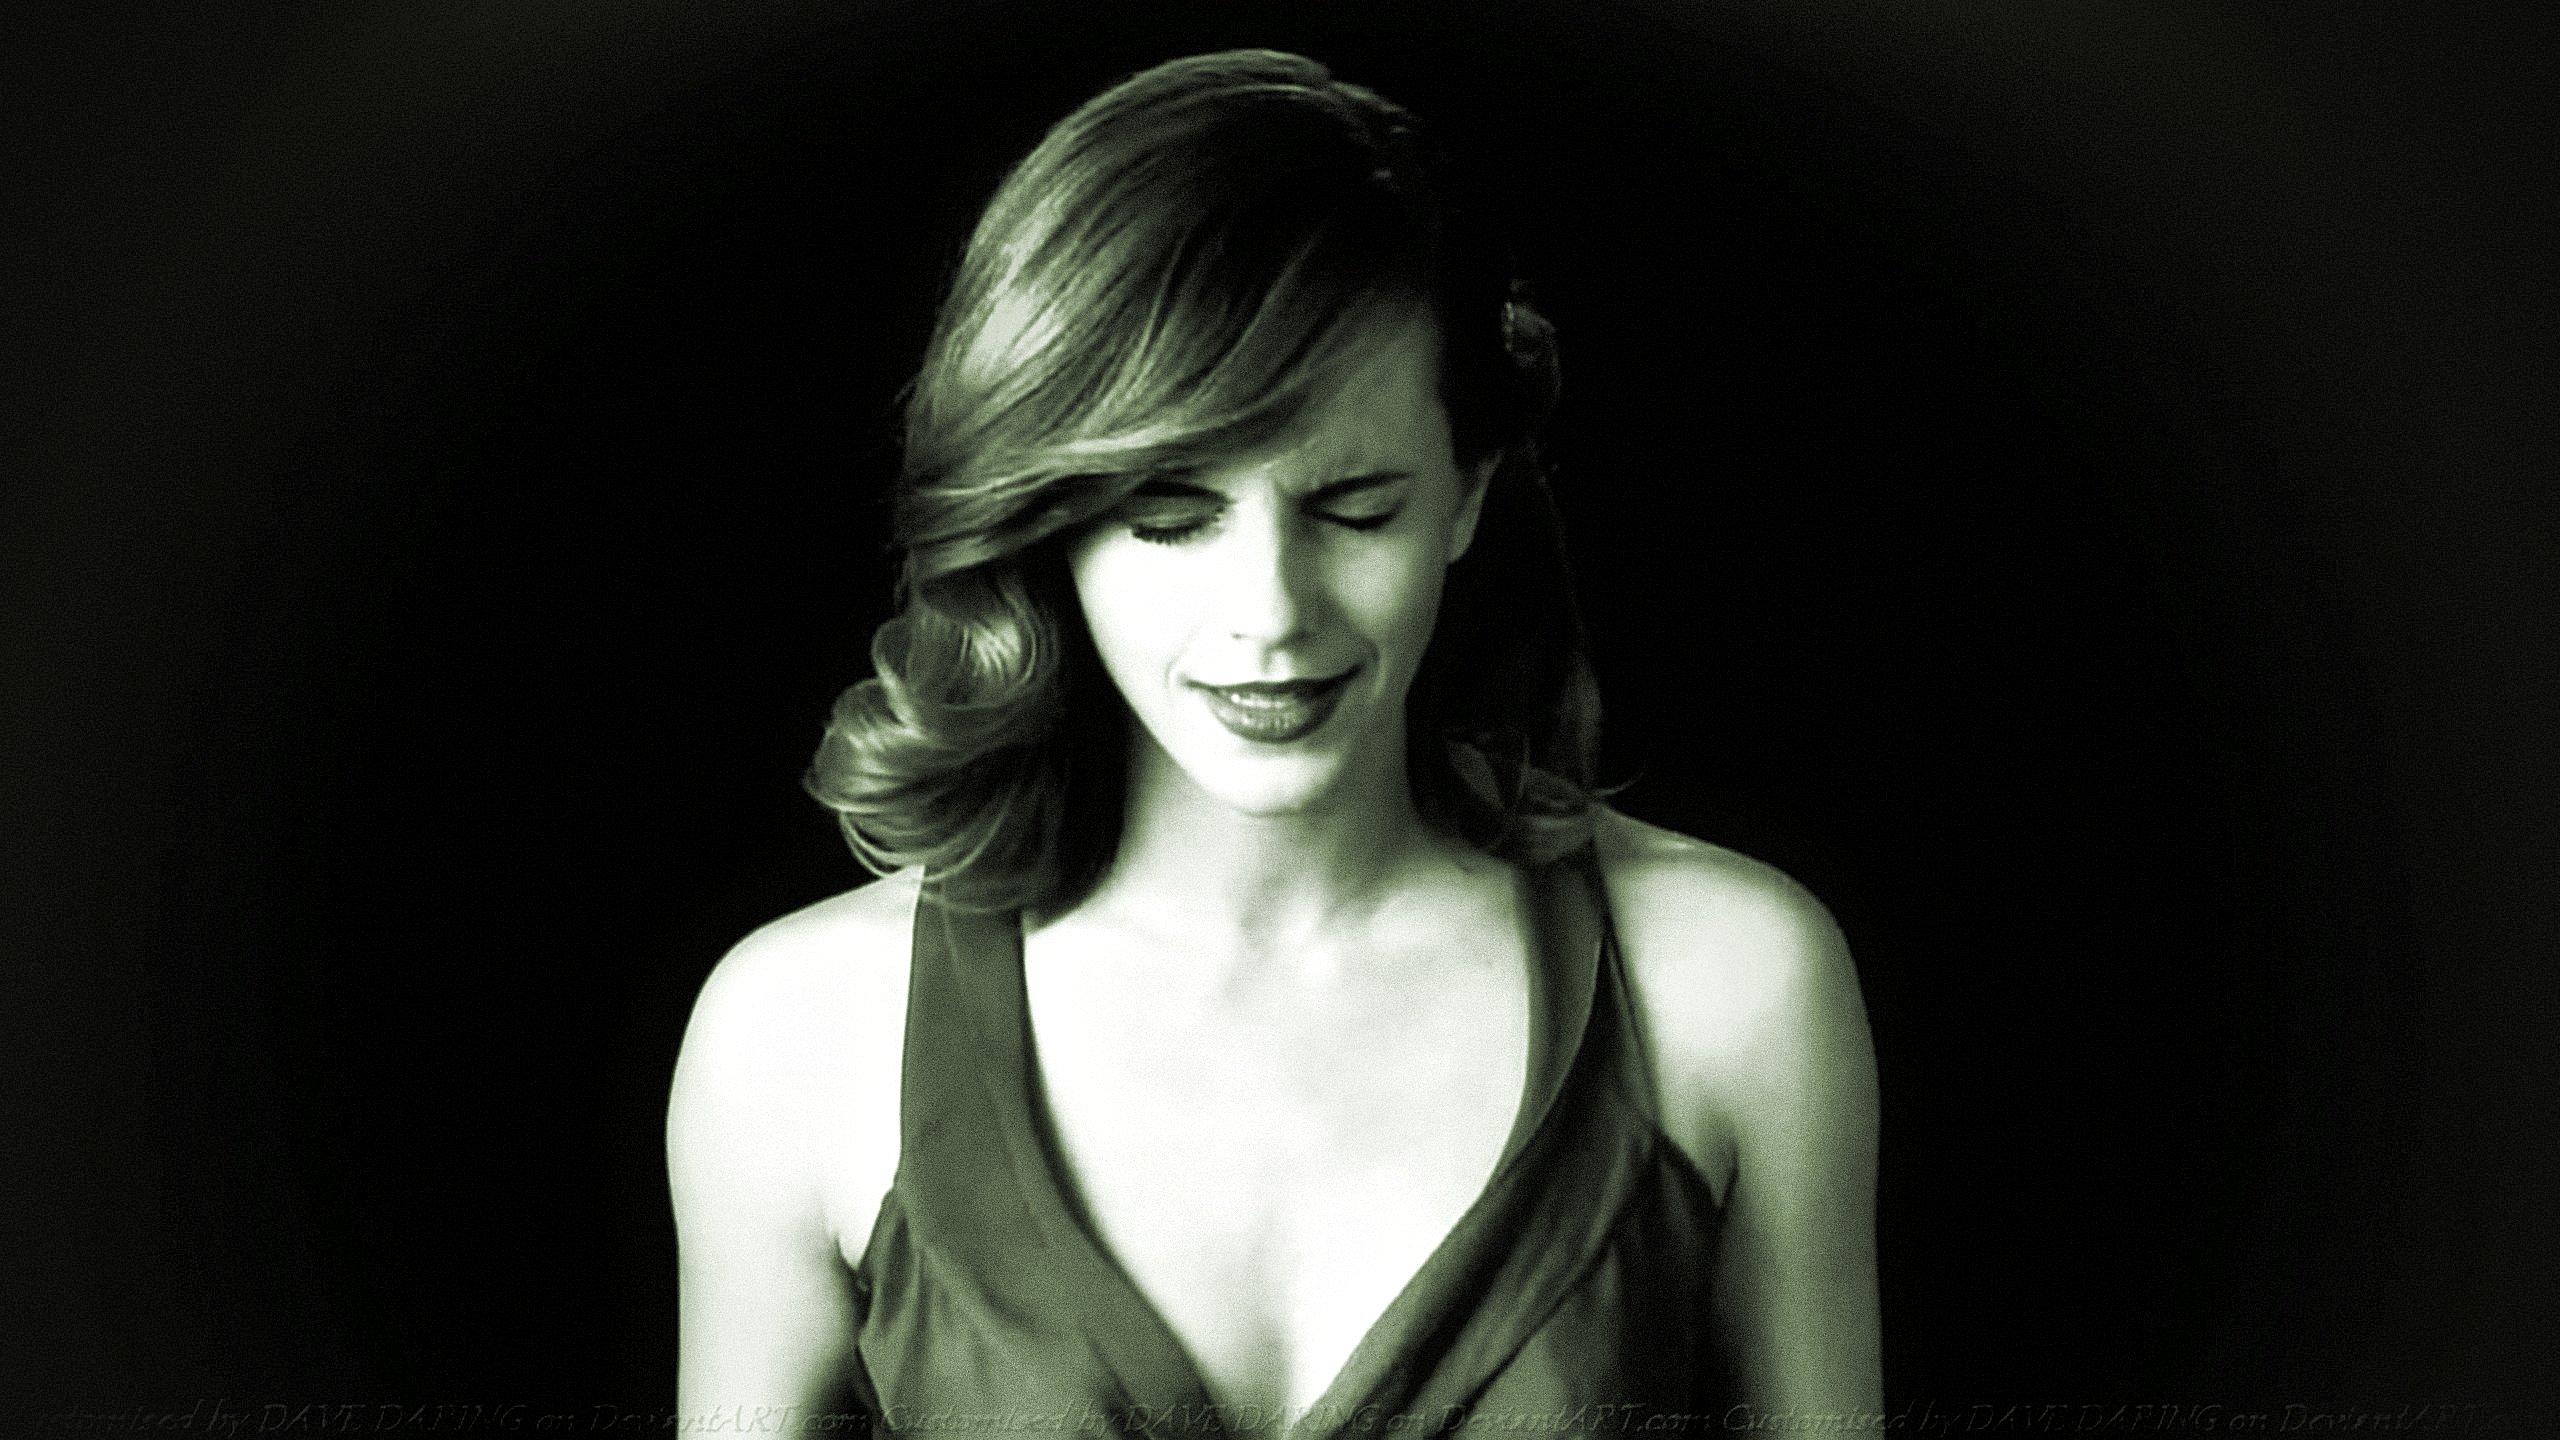 Emma-Watson-10-wallpapers--06.jpg